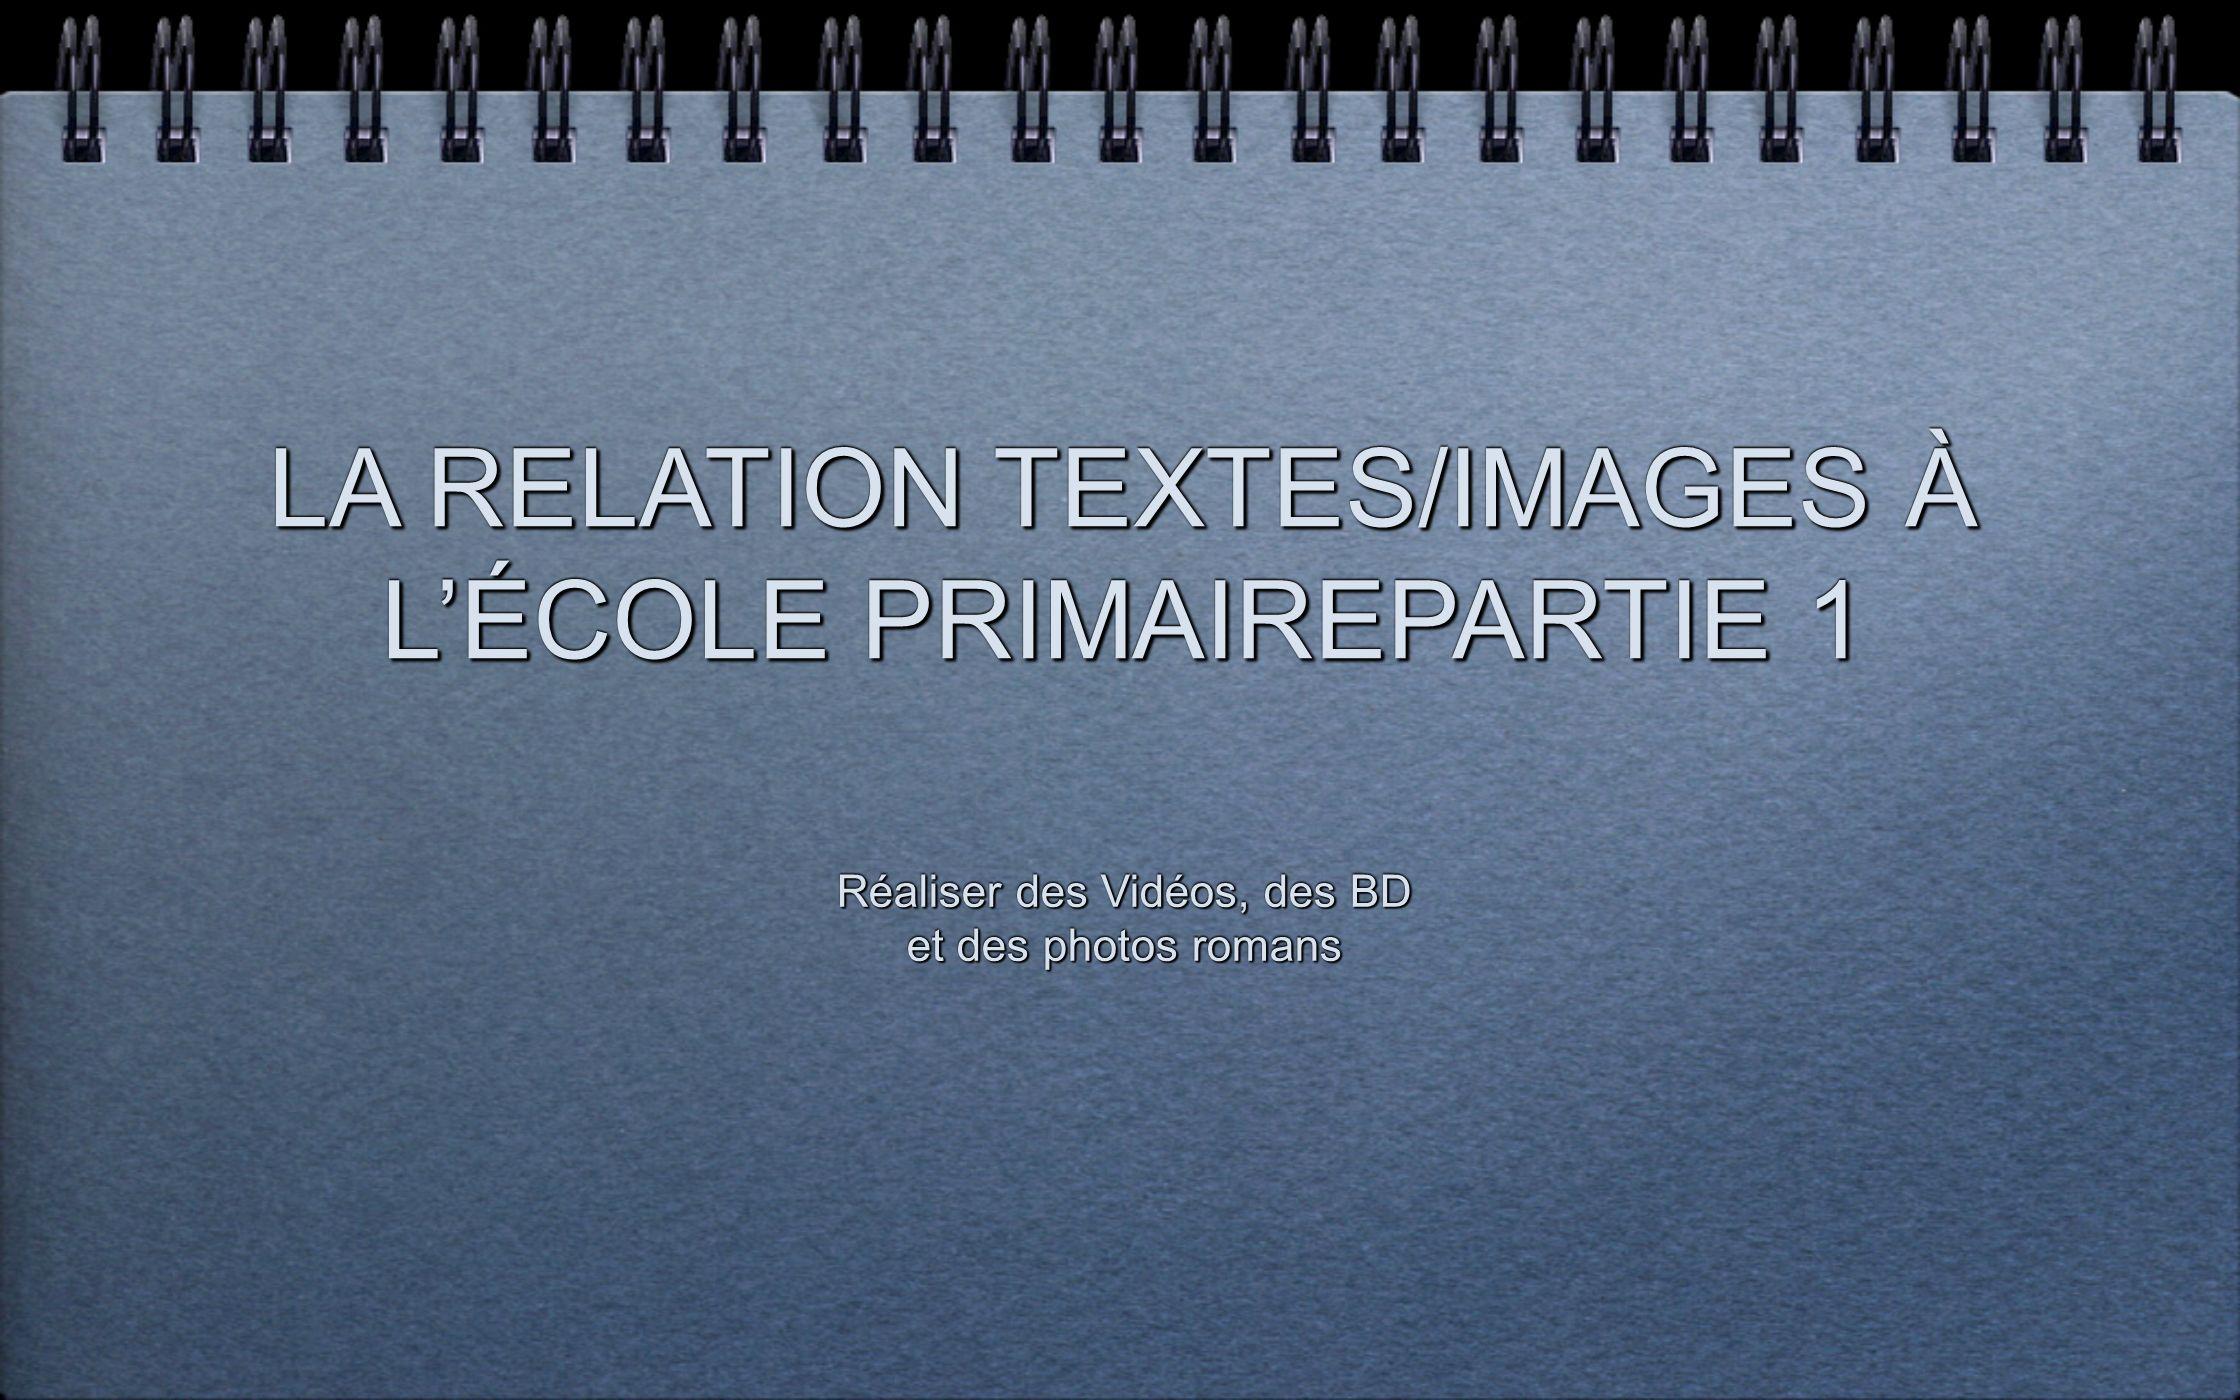 LA RELATION TEXTES/IMAGES À LÉCOLE PRIMAIREPARTIE 1 LA RELATION TEXTES/IMAGES À LÉCOLE PRIMAIREPARTIE 1 Réaliser des Vidéos, des BD et des photos roma